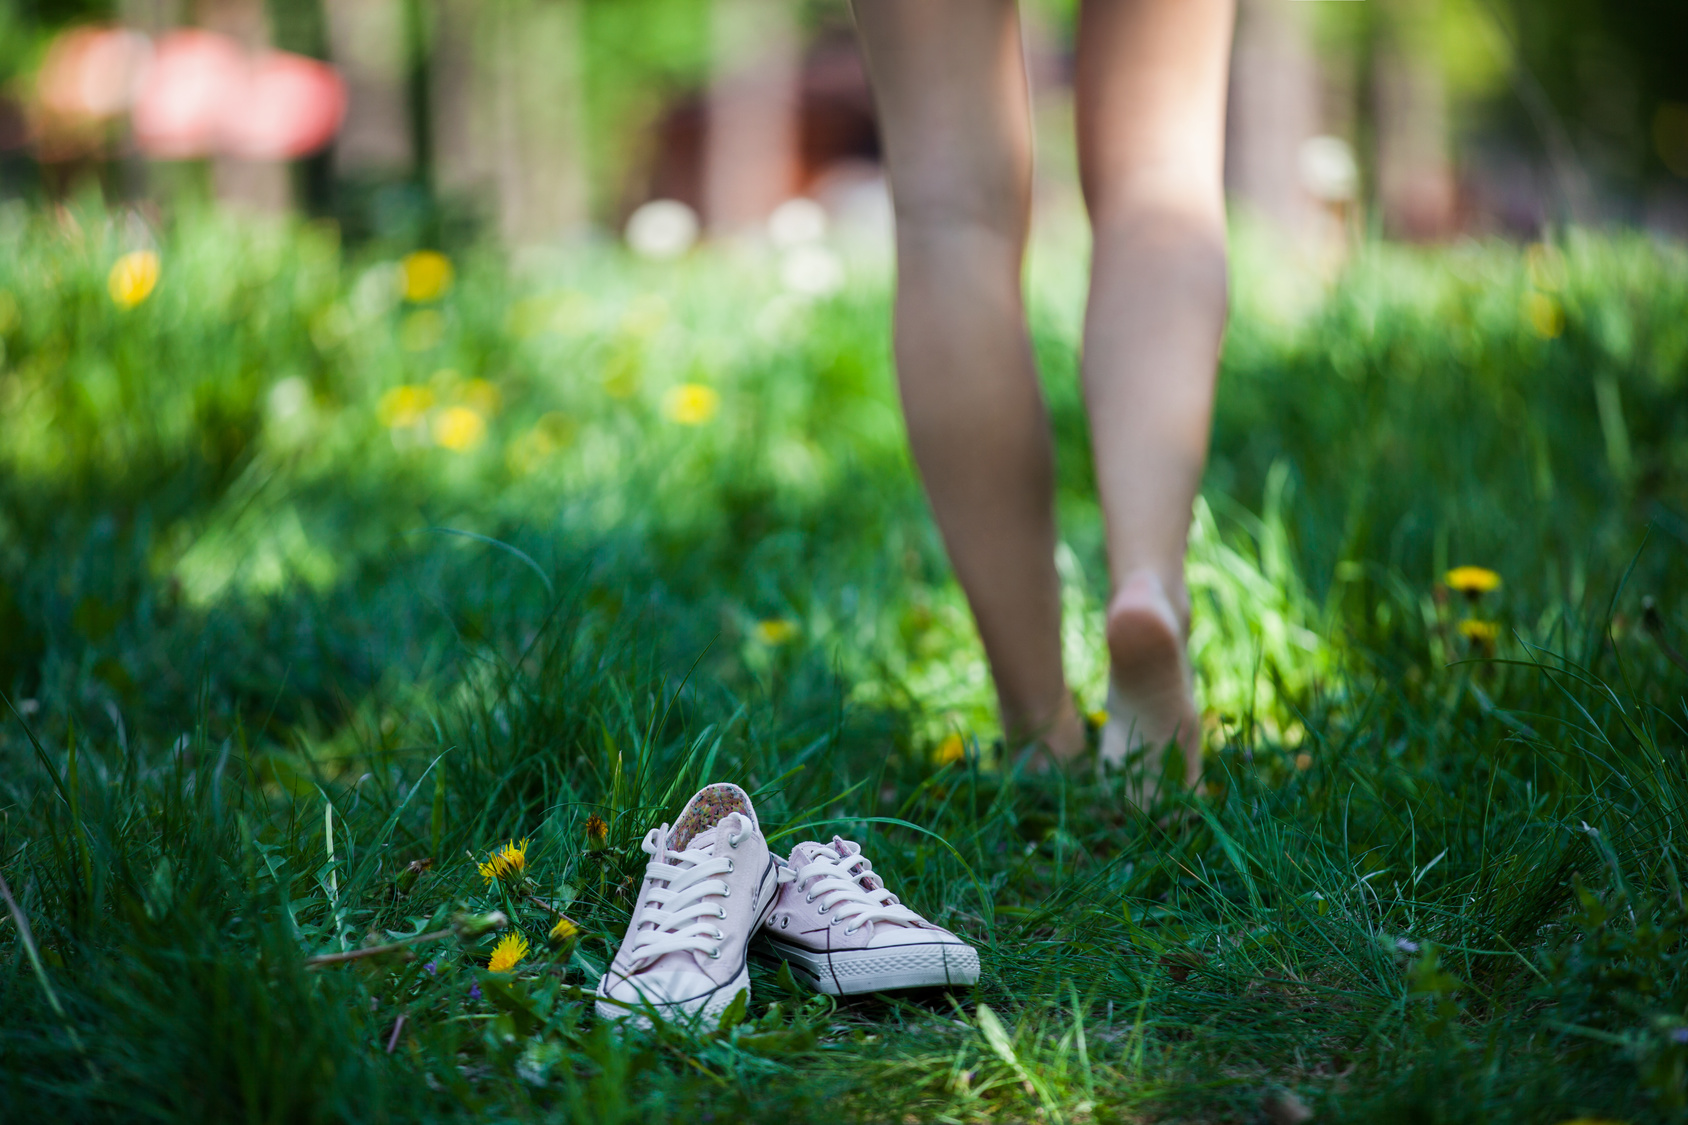 Barfuß Laufkurs mit Erfahrungsbericht | evidero